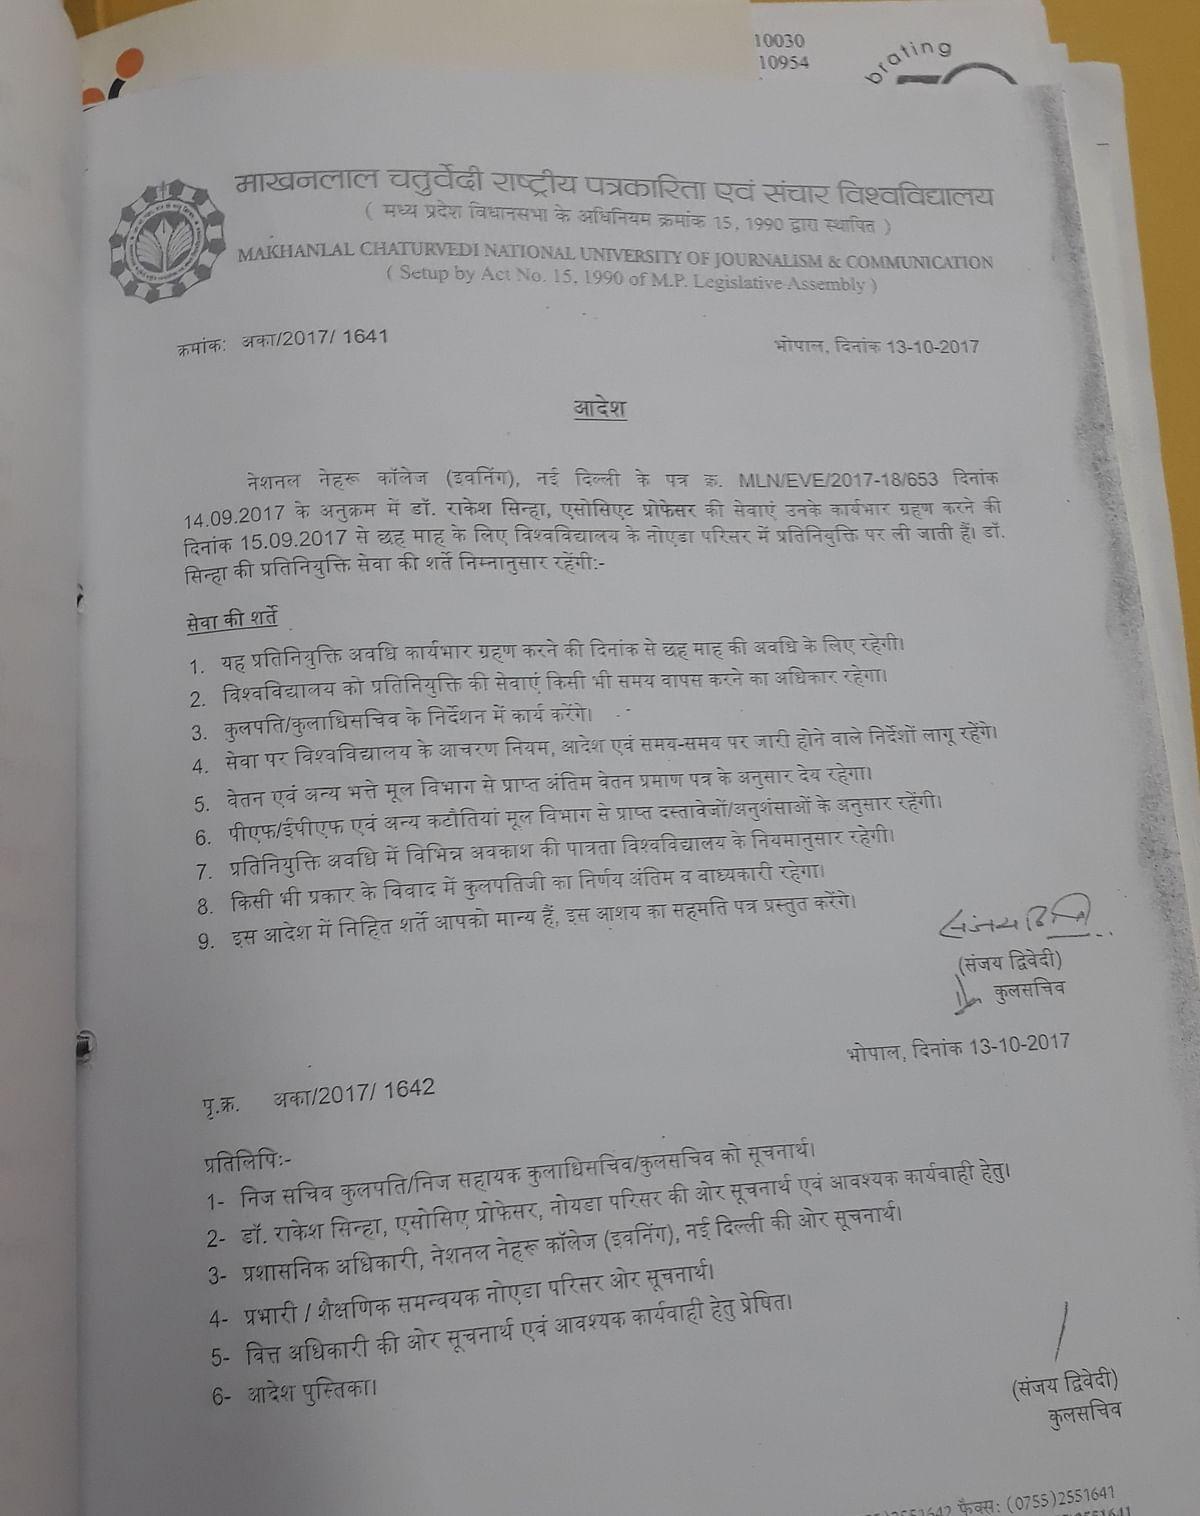 Madhya Pradesh government sets up inquiry against BJP MP Rakesh Sinha